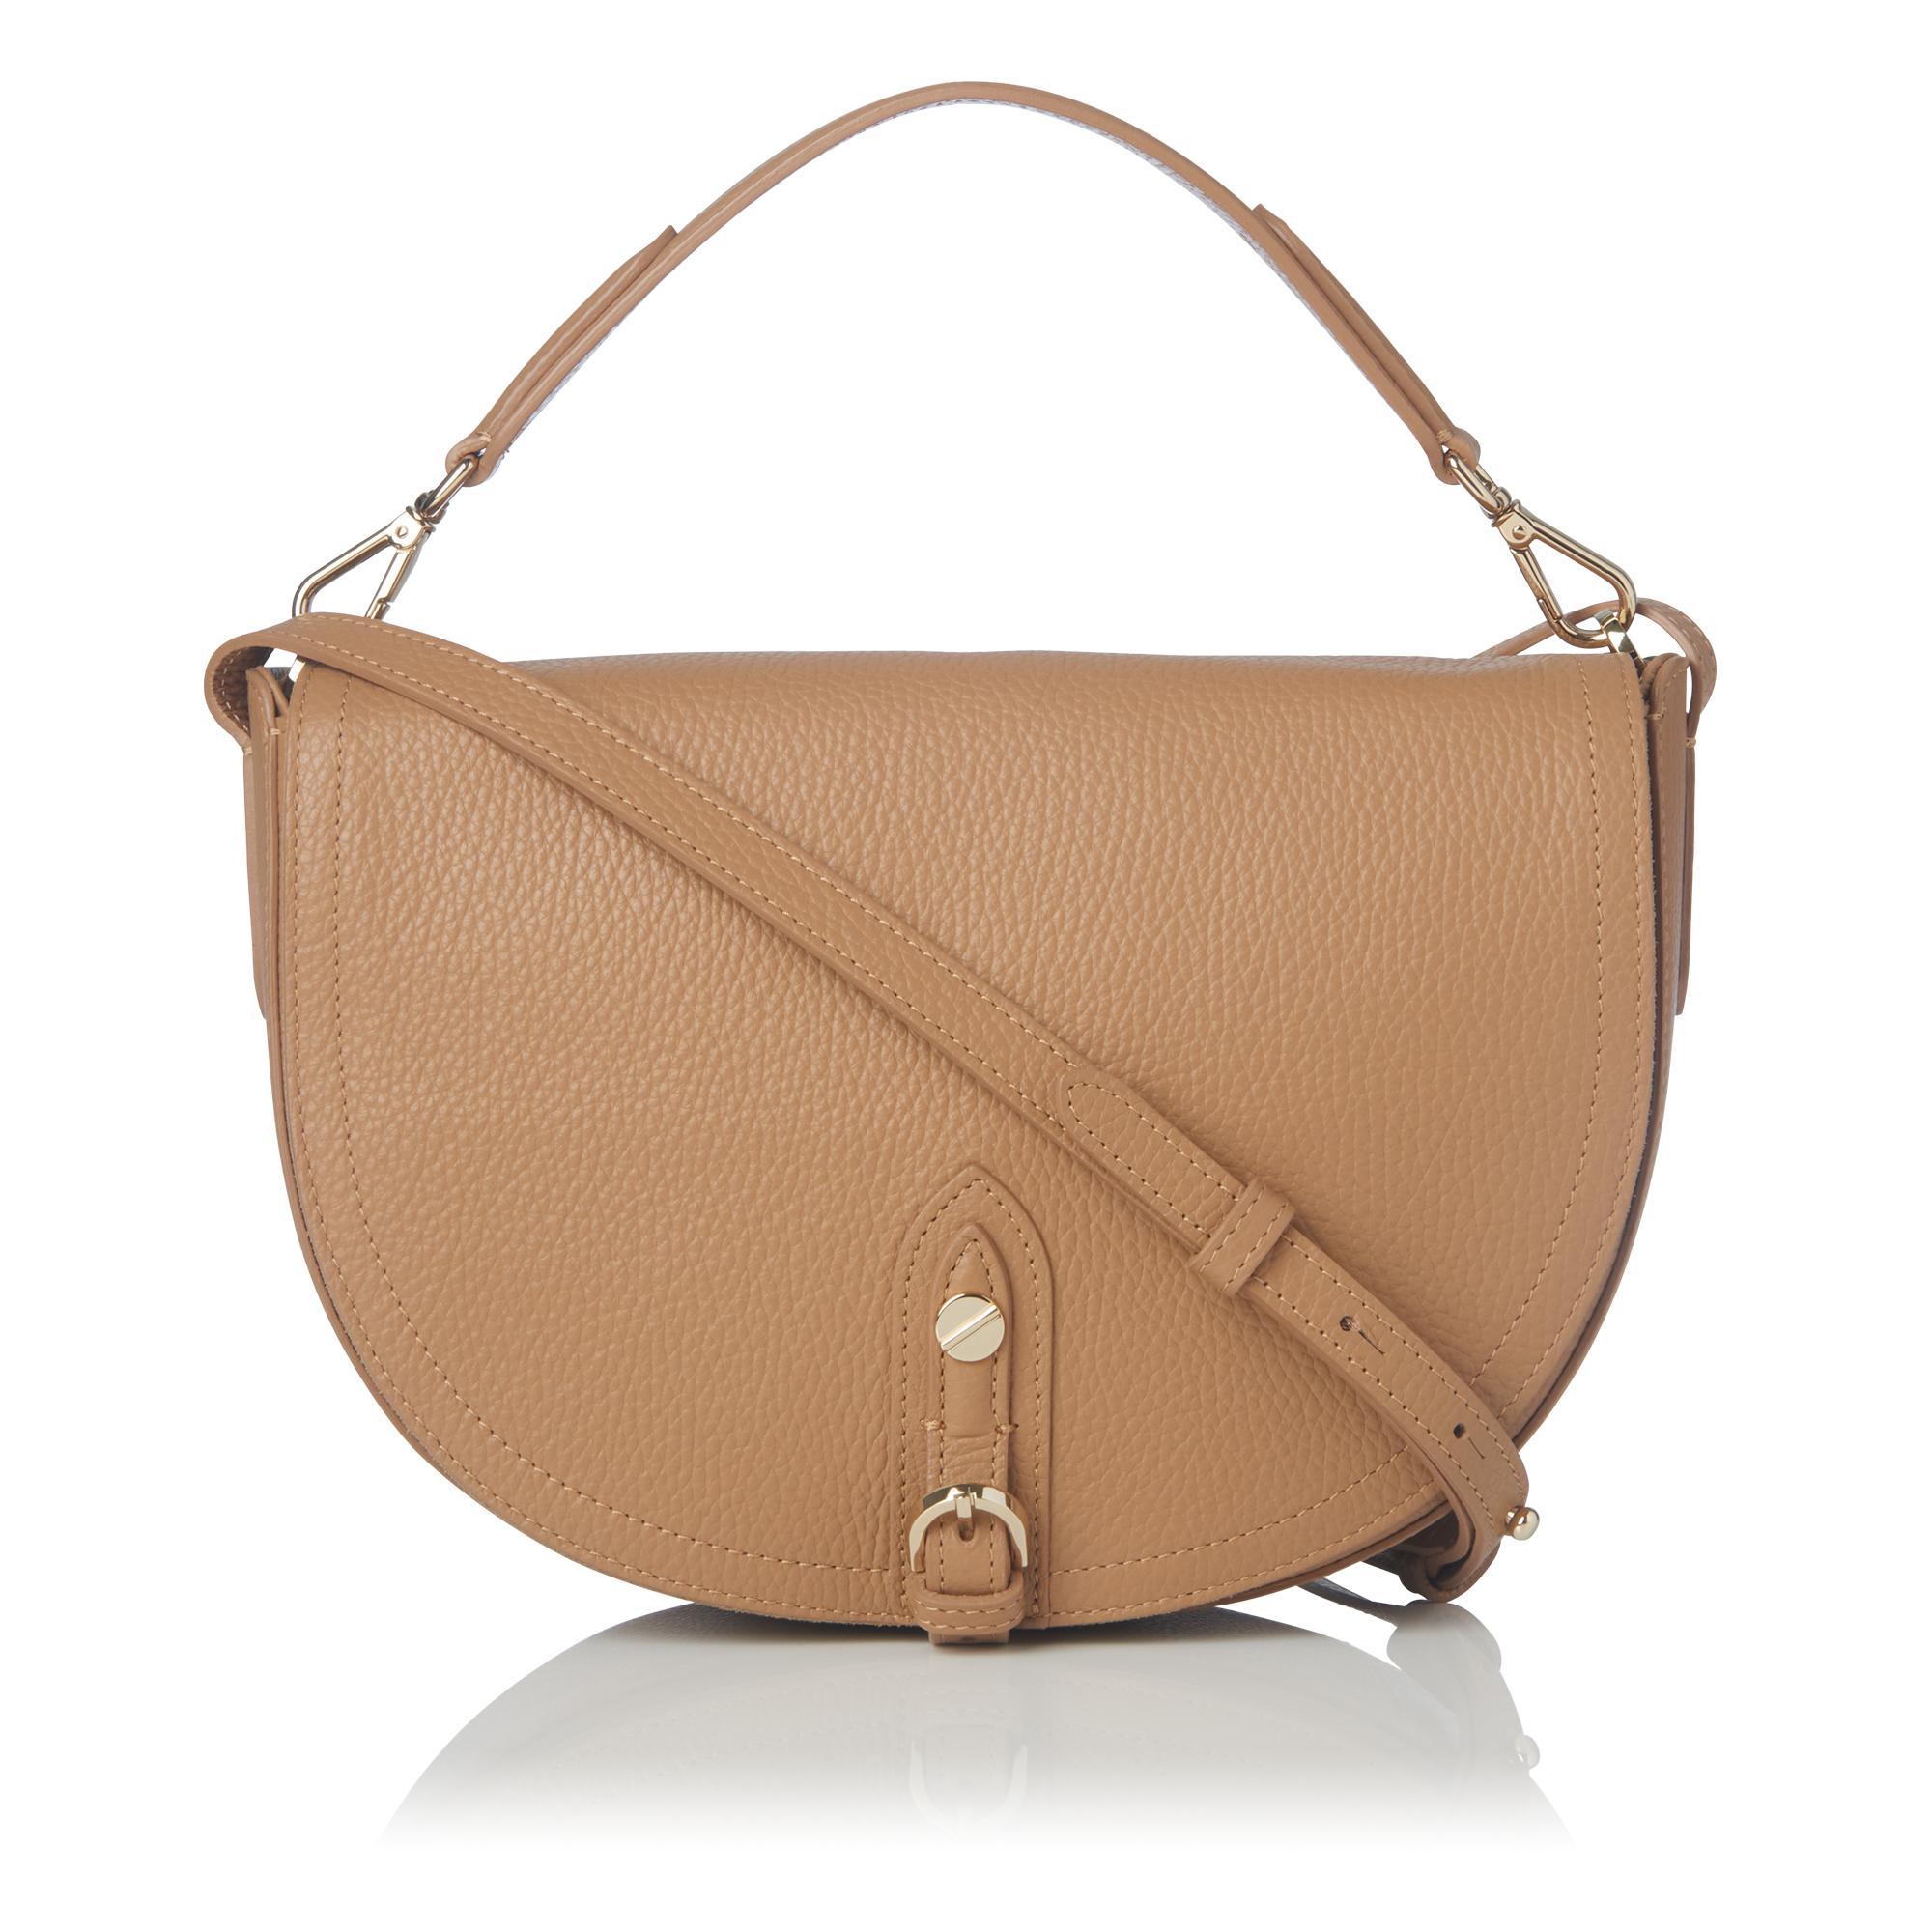 Andrea Tan Leather Shoulder Bag